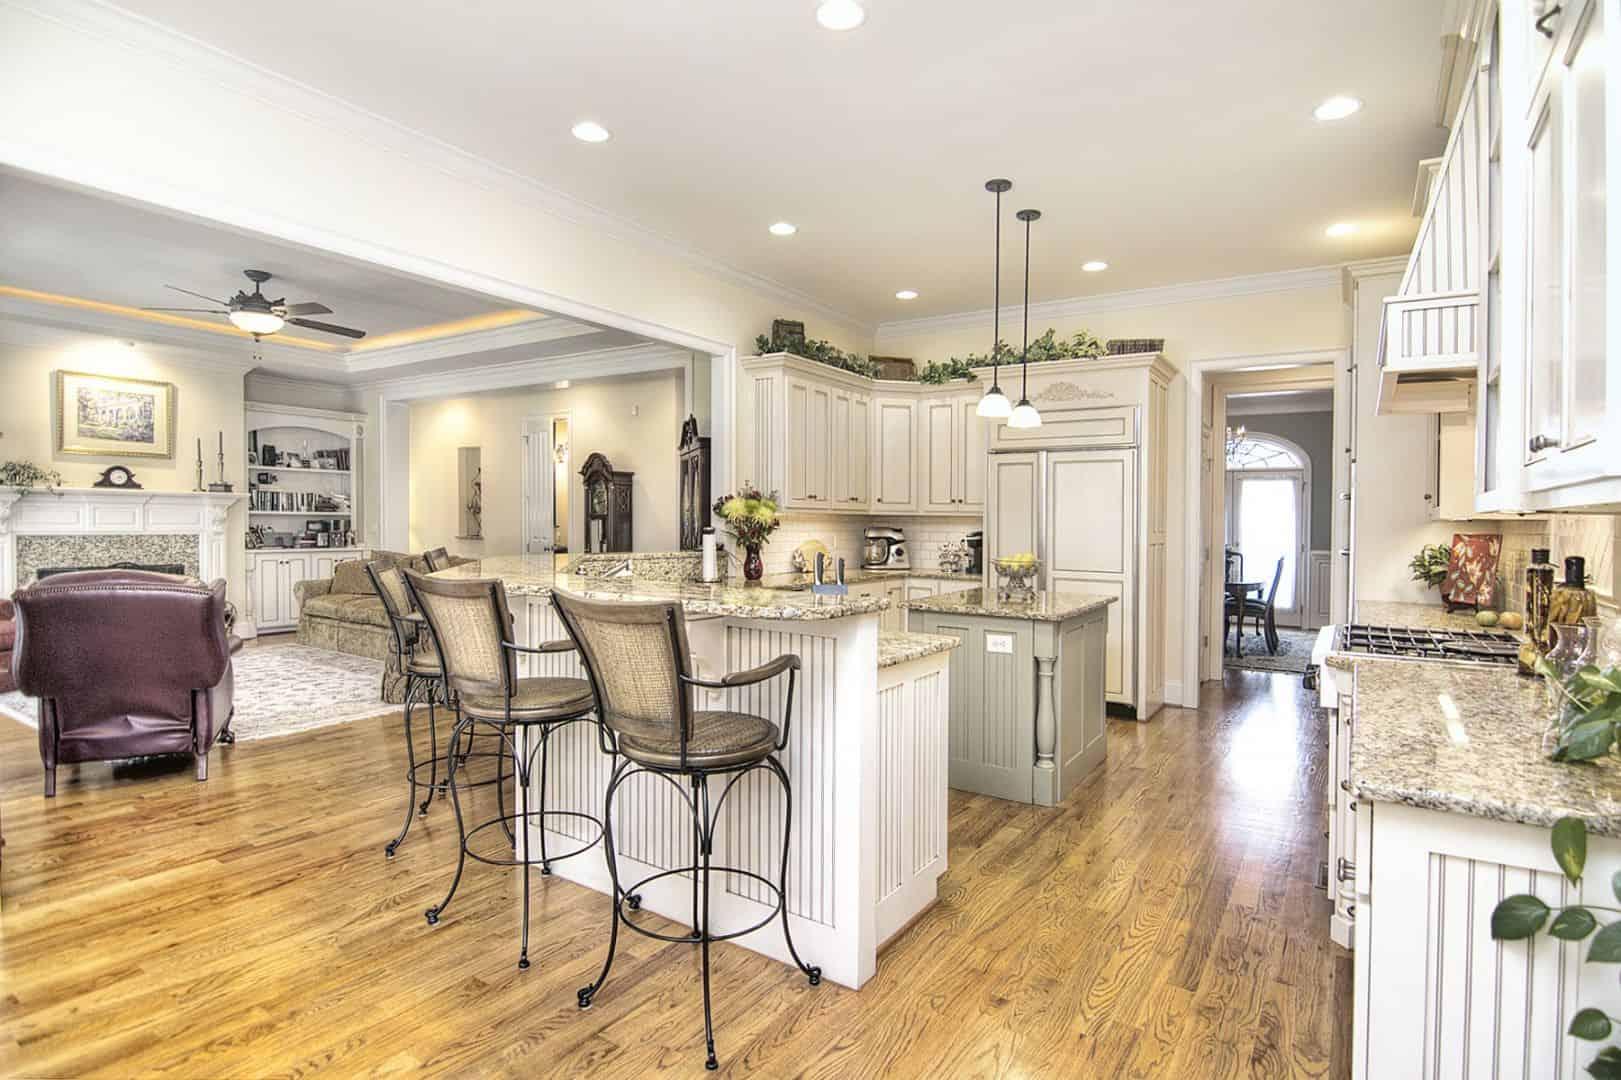 Luxury Charlotte Home for Sale in Kingsmead Ballantyne Area